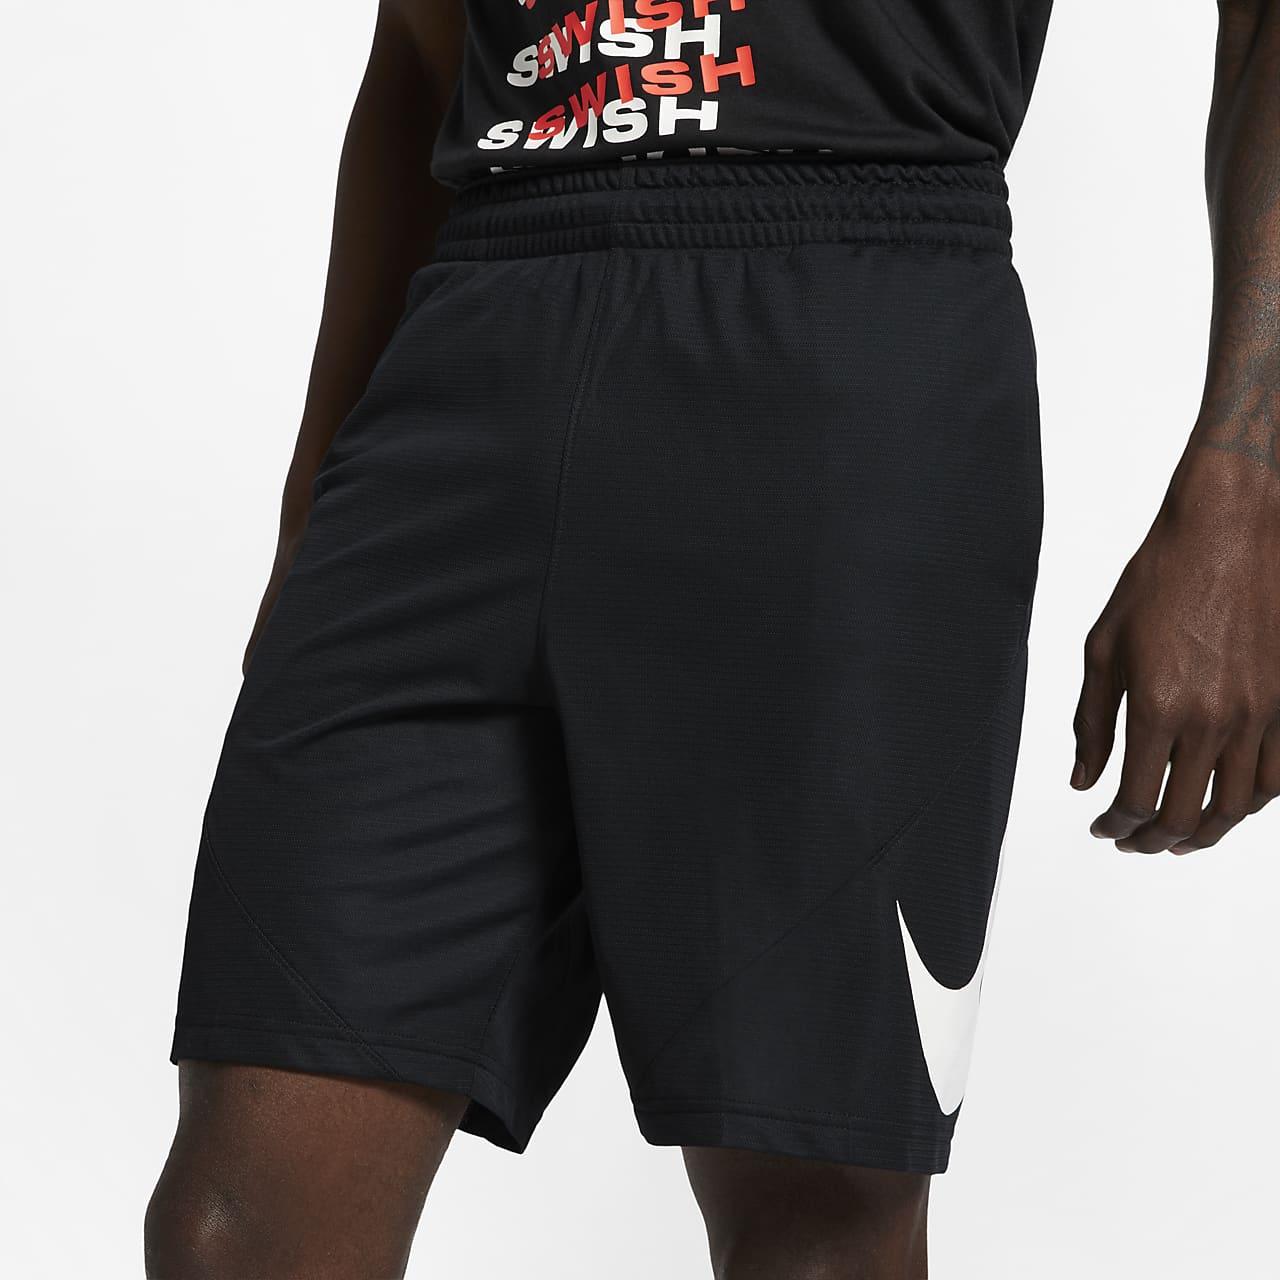 กางเกงบาสเก็ตบอลขาสั้น 9 นิ้วผู้ชาย Nike